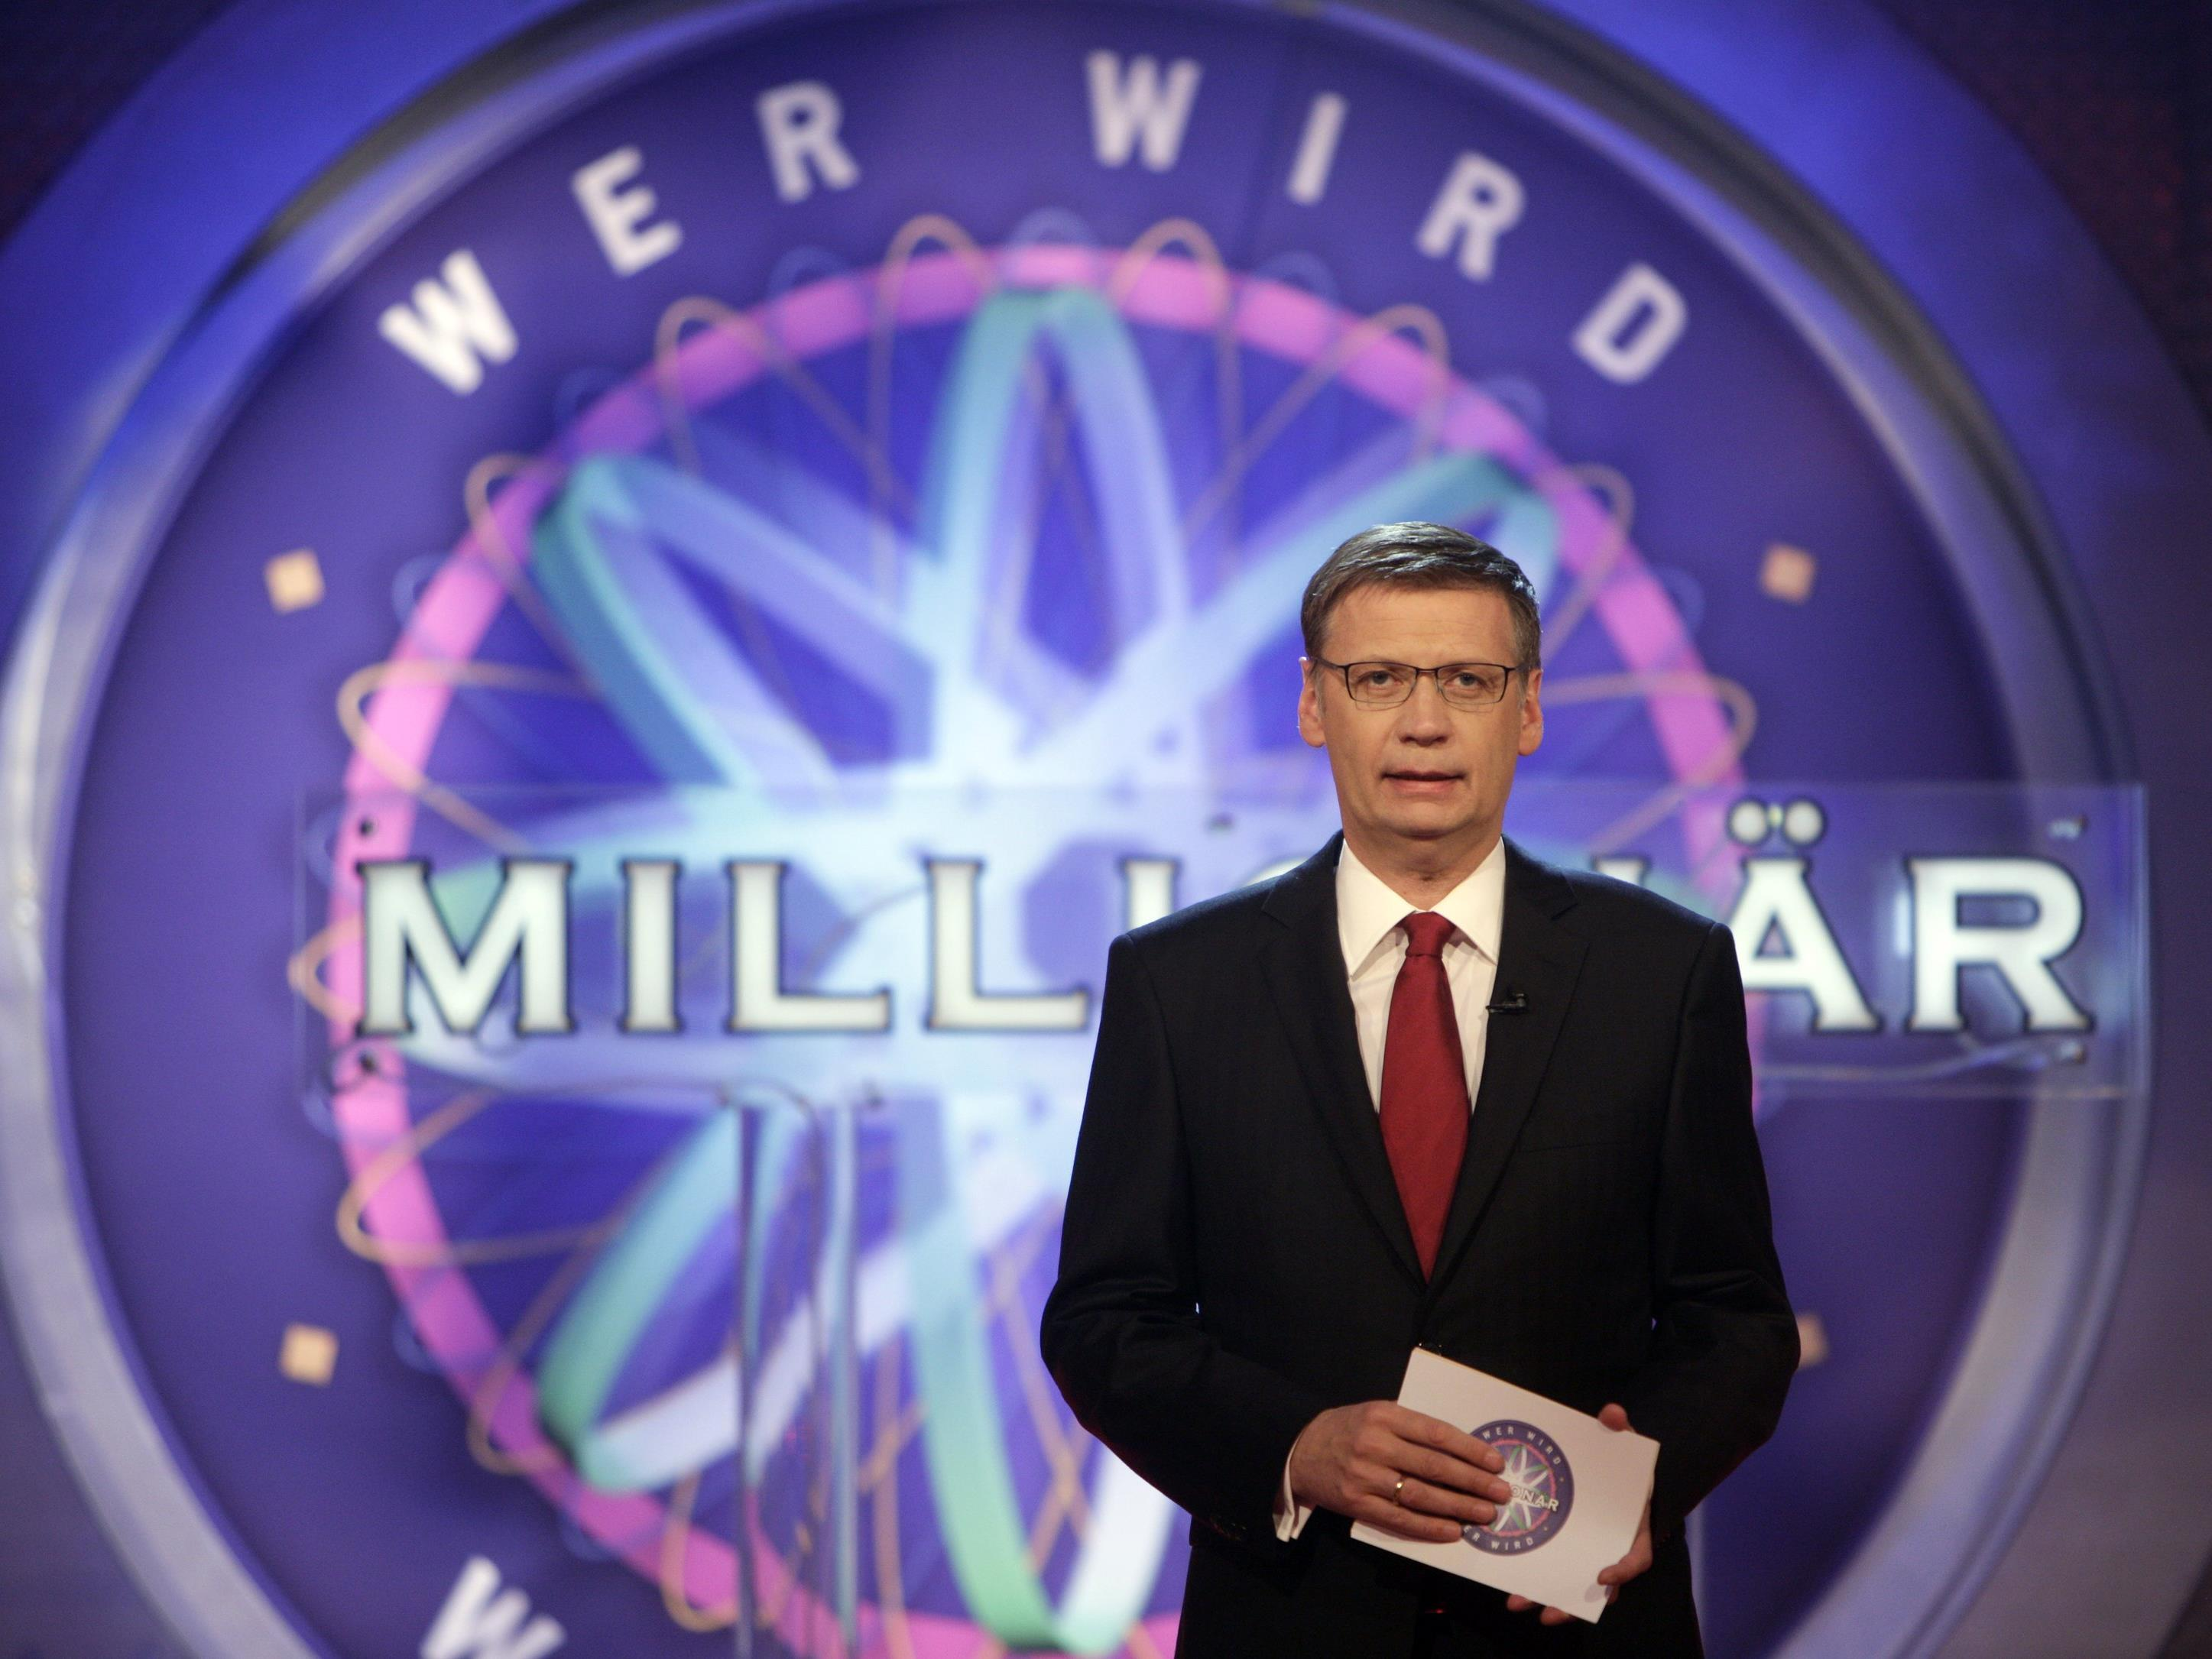 Günther Jauch moderiert die deutsche Sendung schon seit 17 Jahren